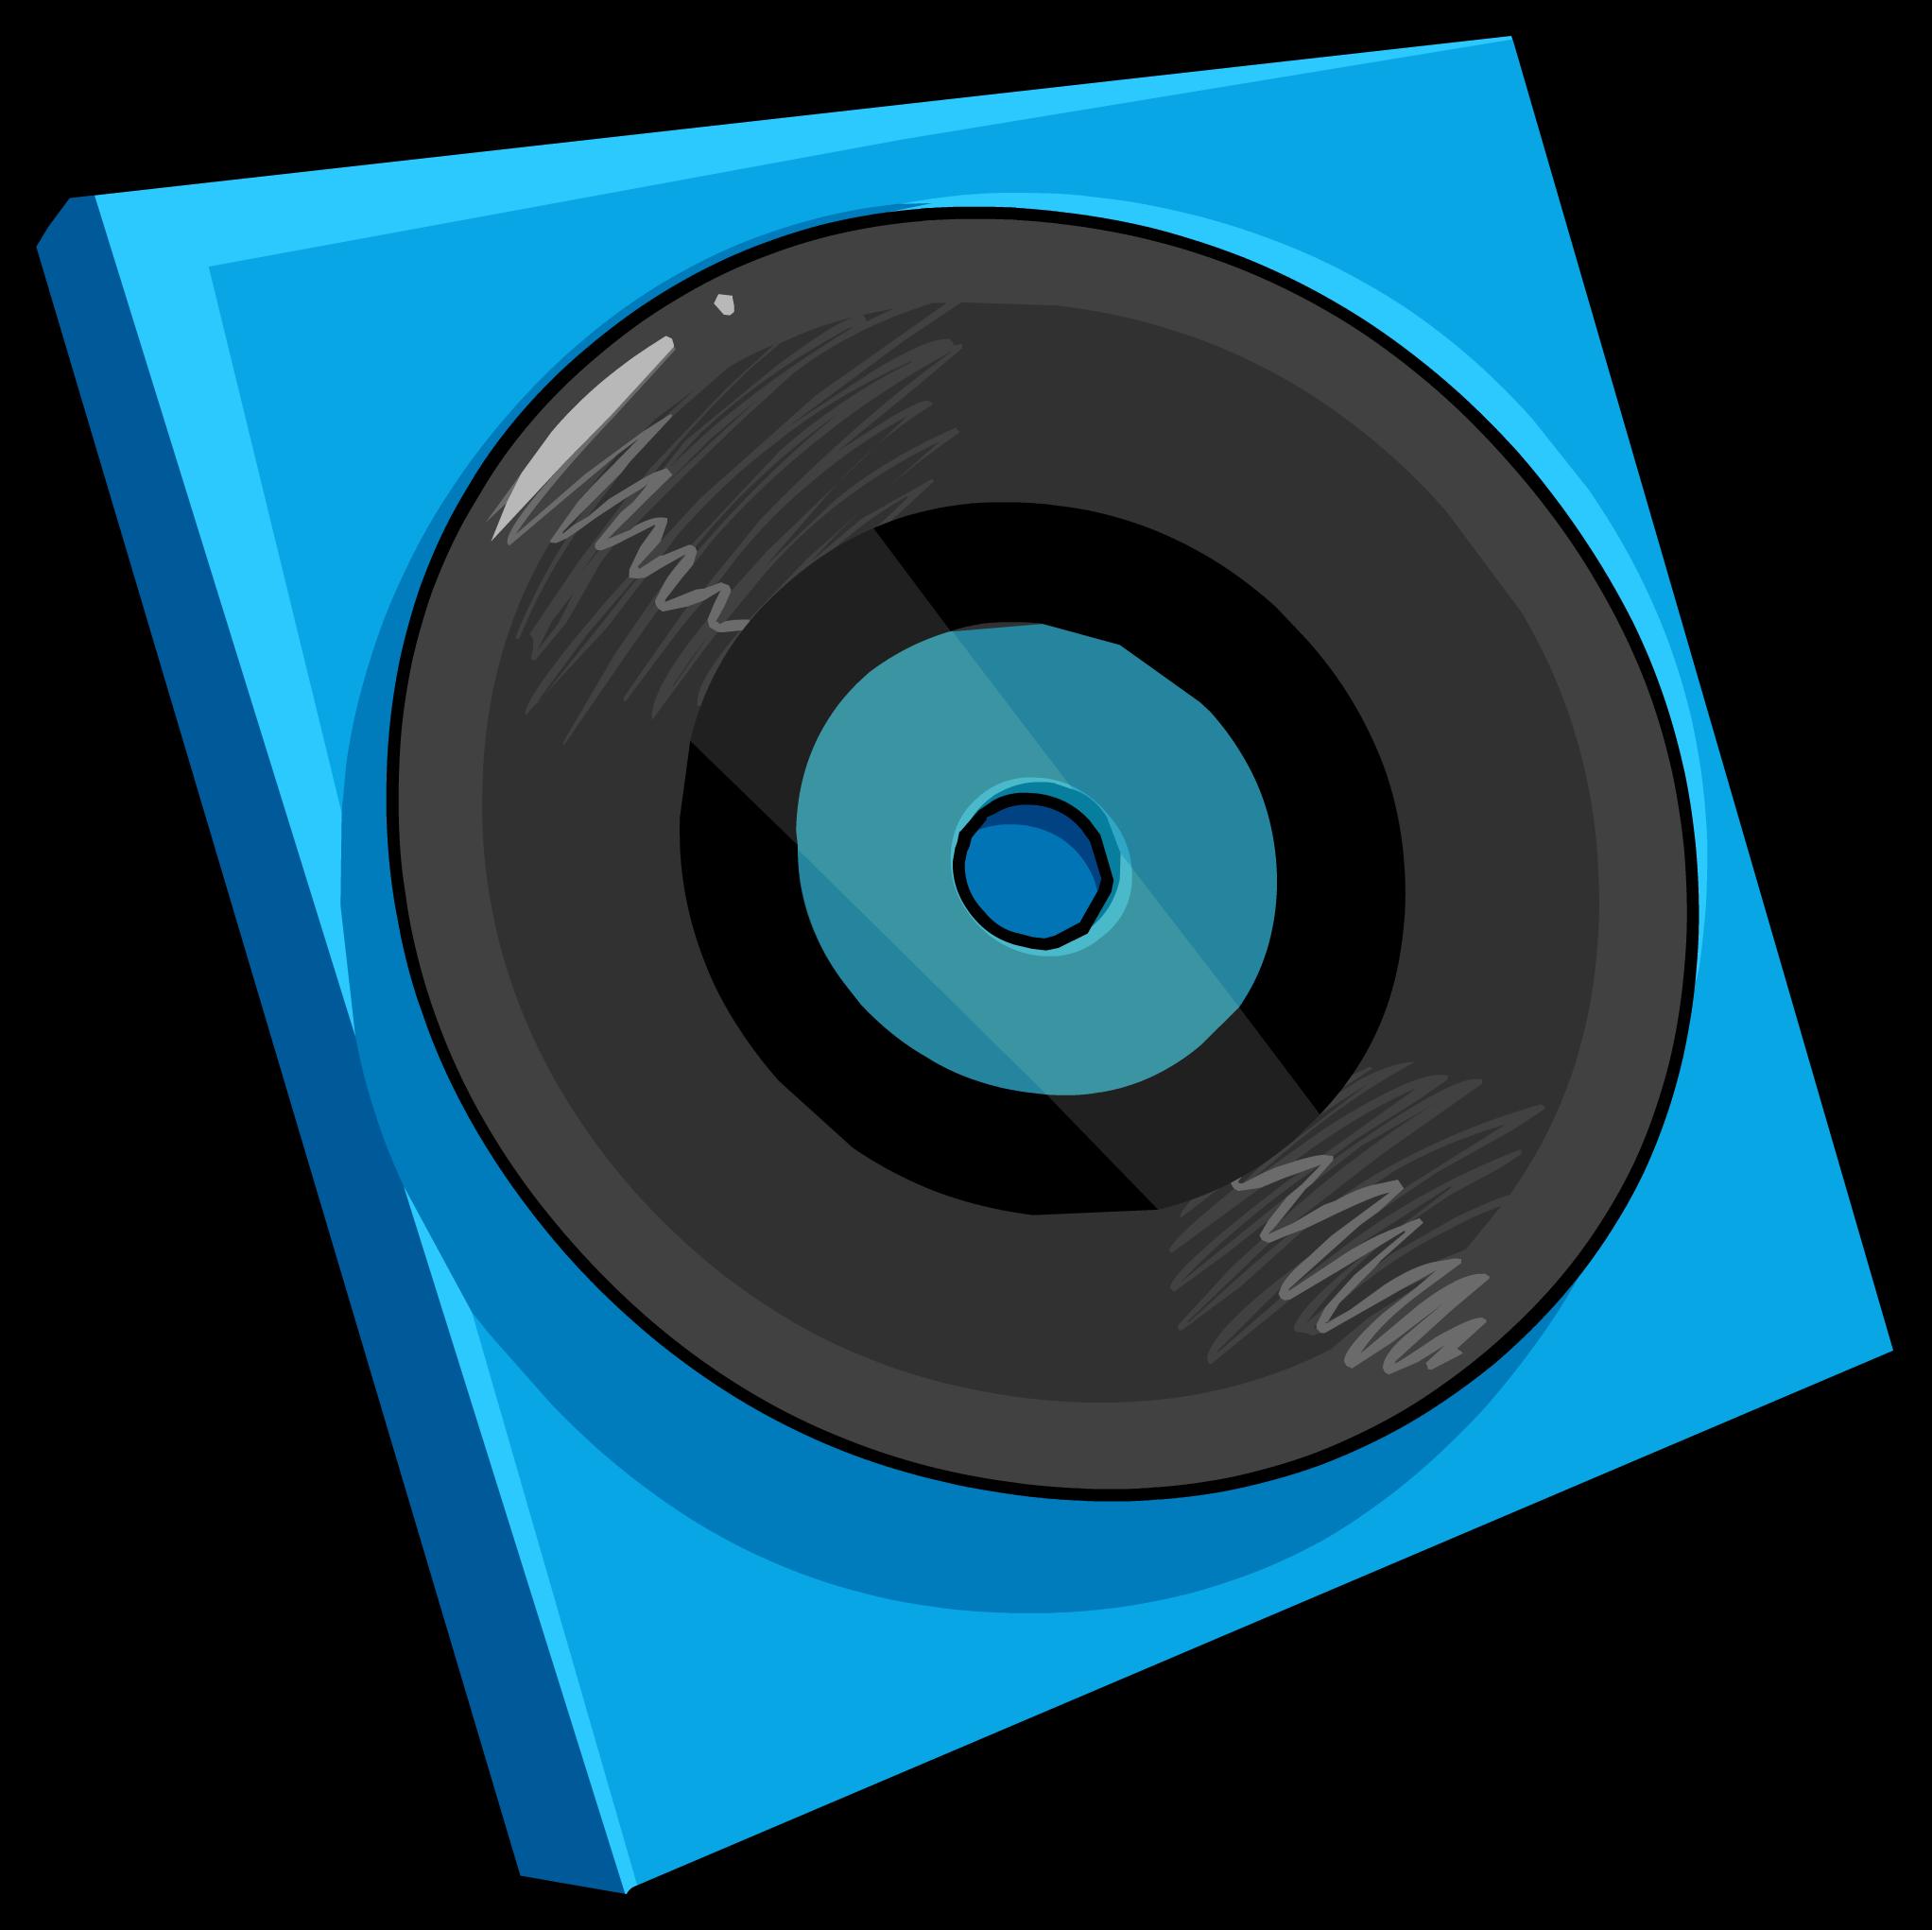 Festival Record